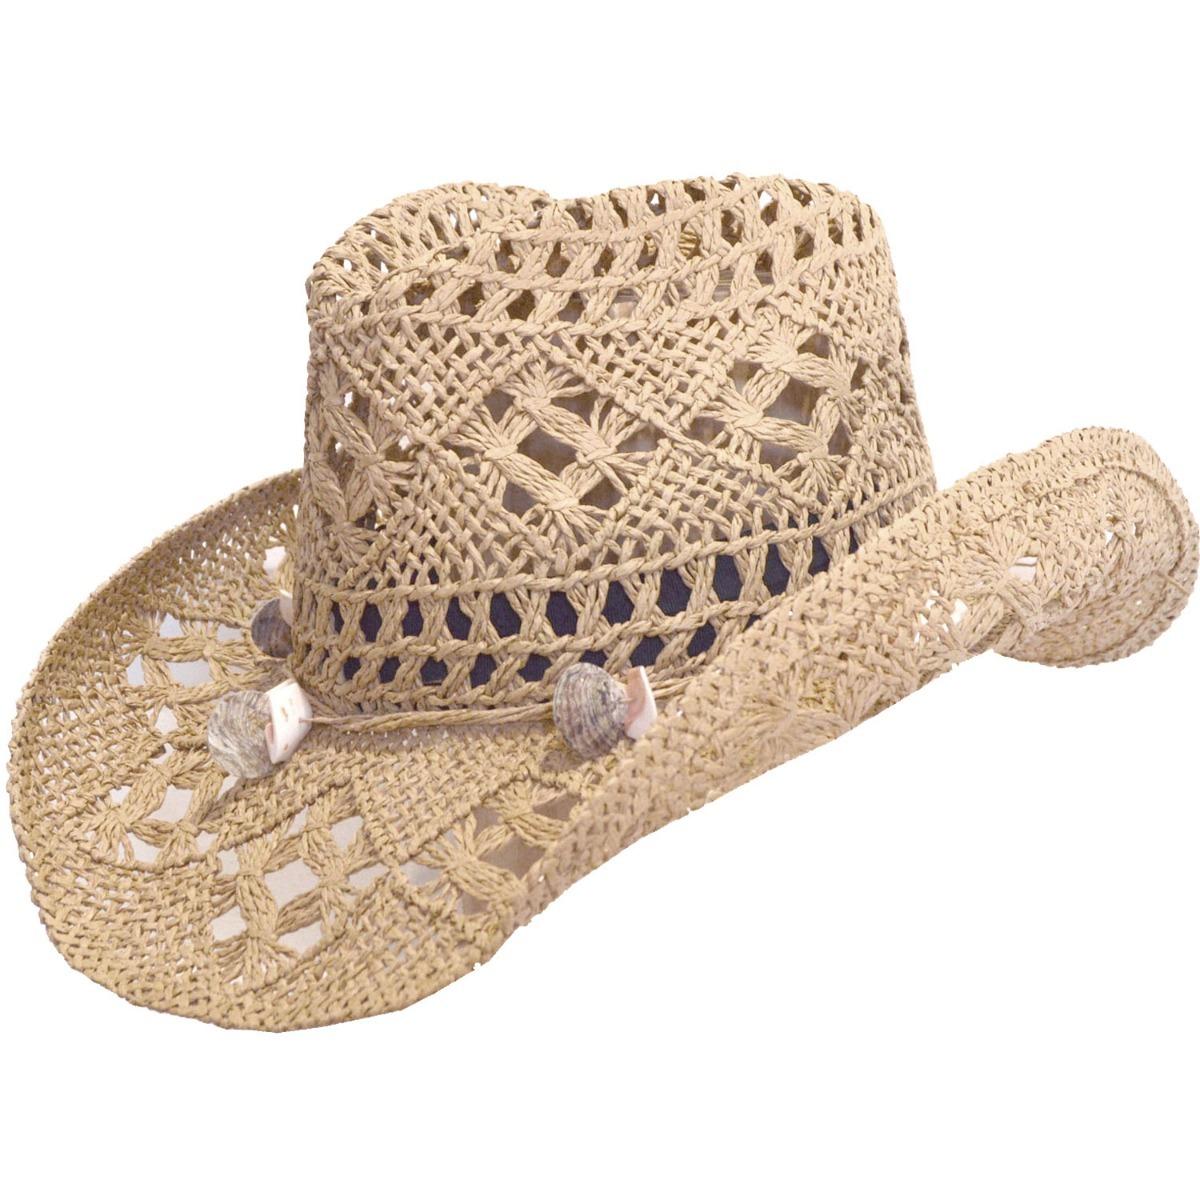 Sombrero Cowboy Veracruz Compañia De Sombreros M86334390 -   1.650 ... f29ae1da5b2